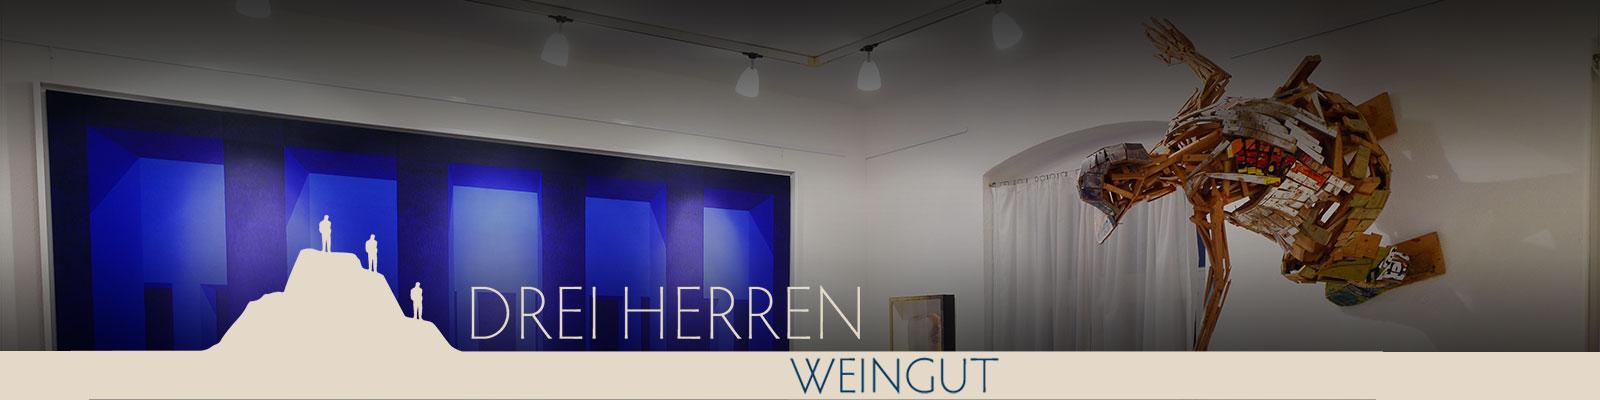 Header01_Wein-und-Kunst_1600x400